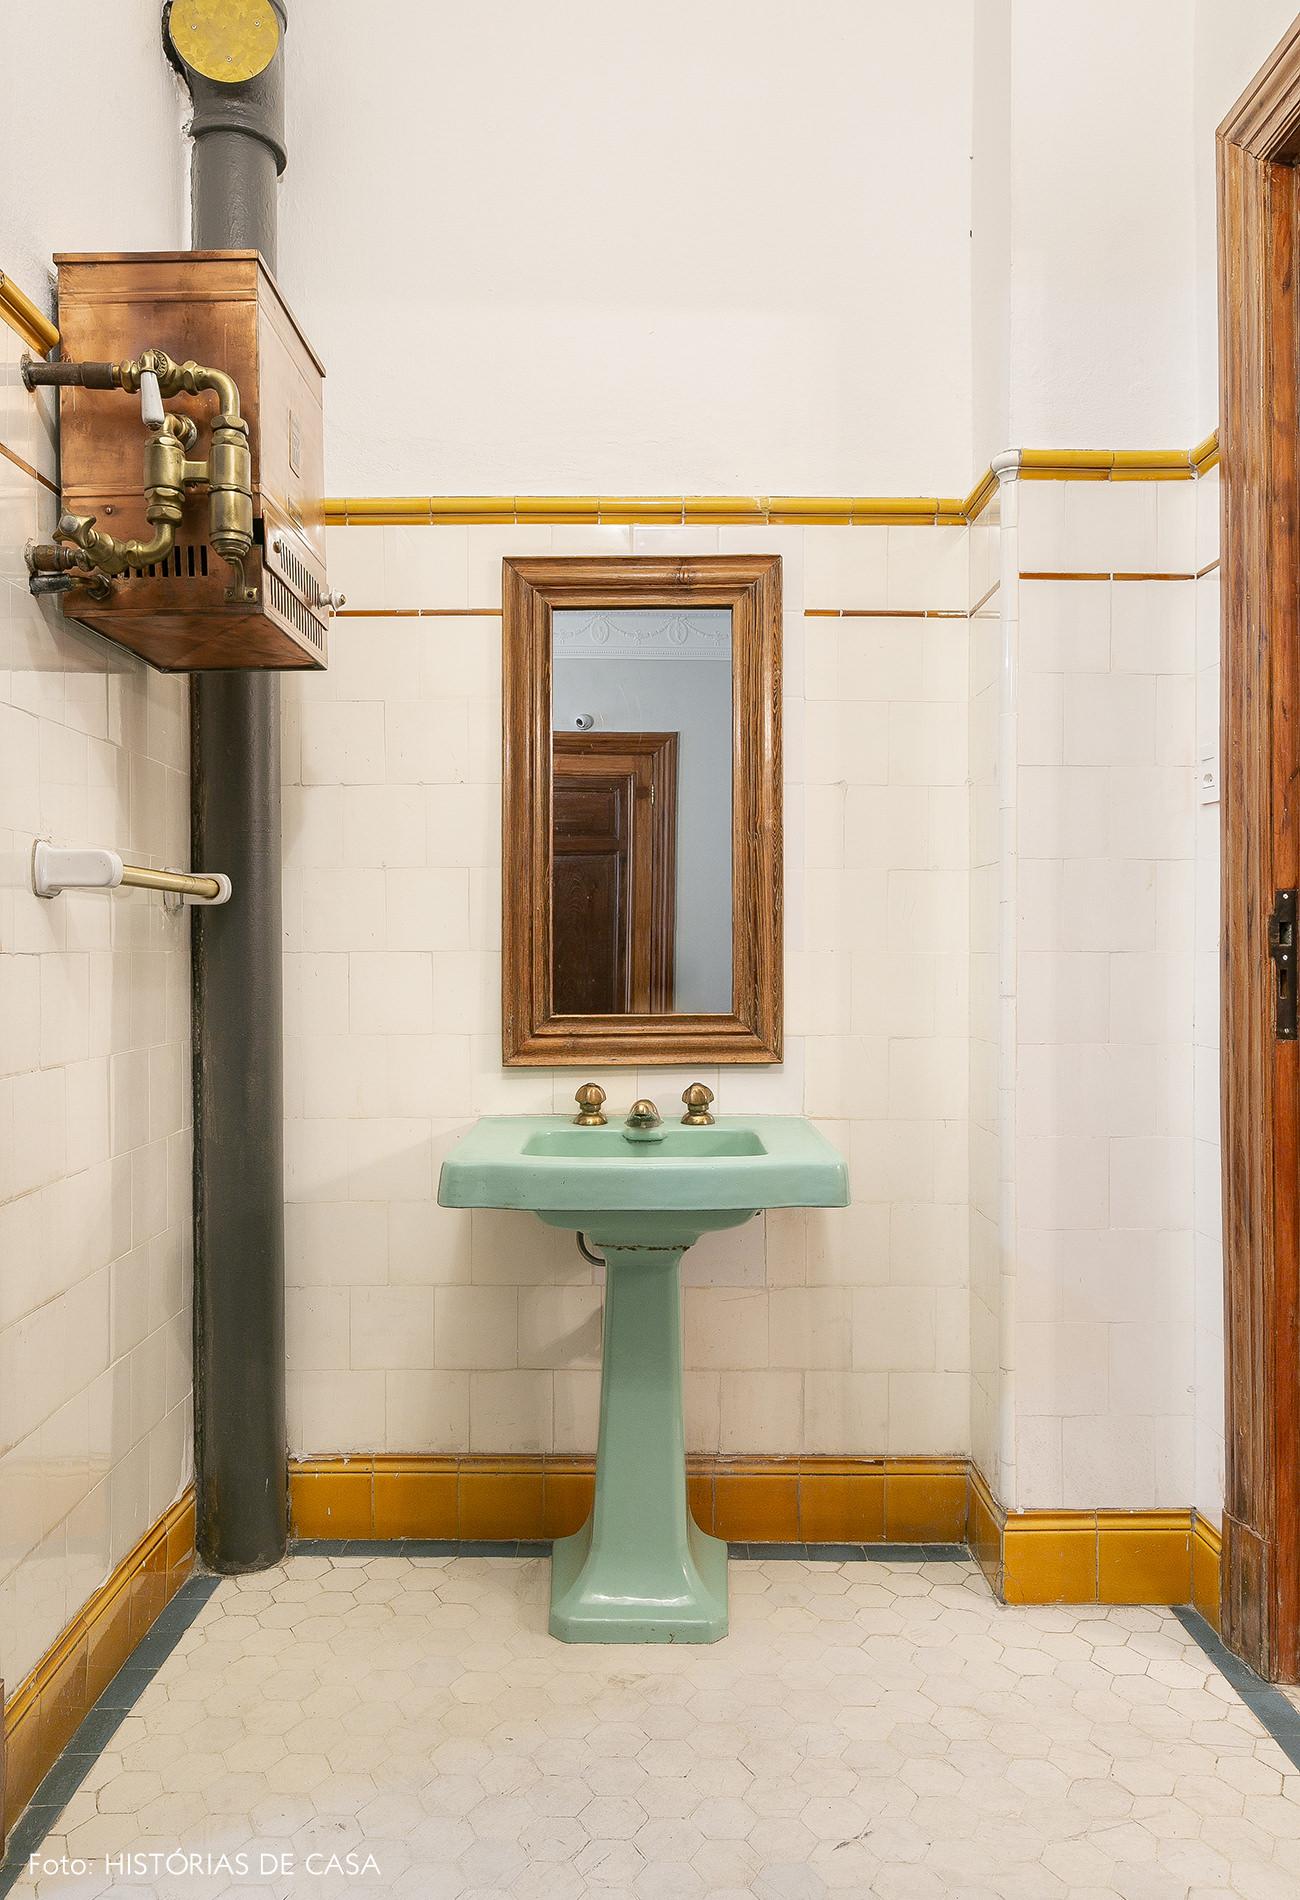 Banheiro antigo em prédio histórico no centro de São Paulo